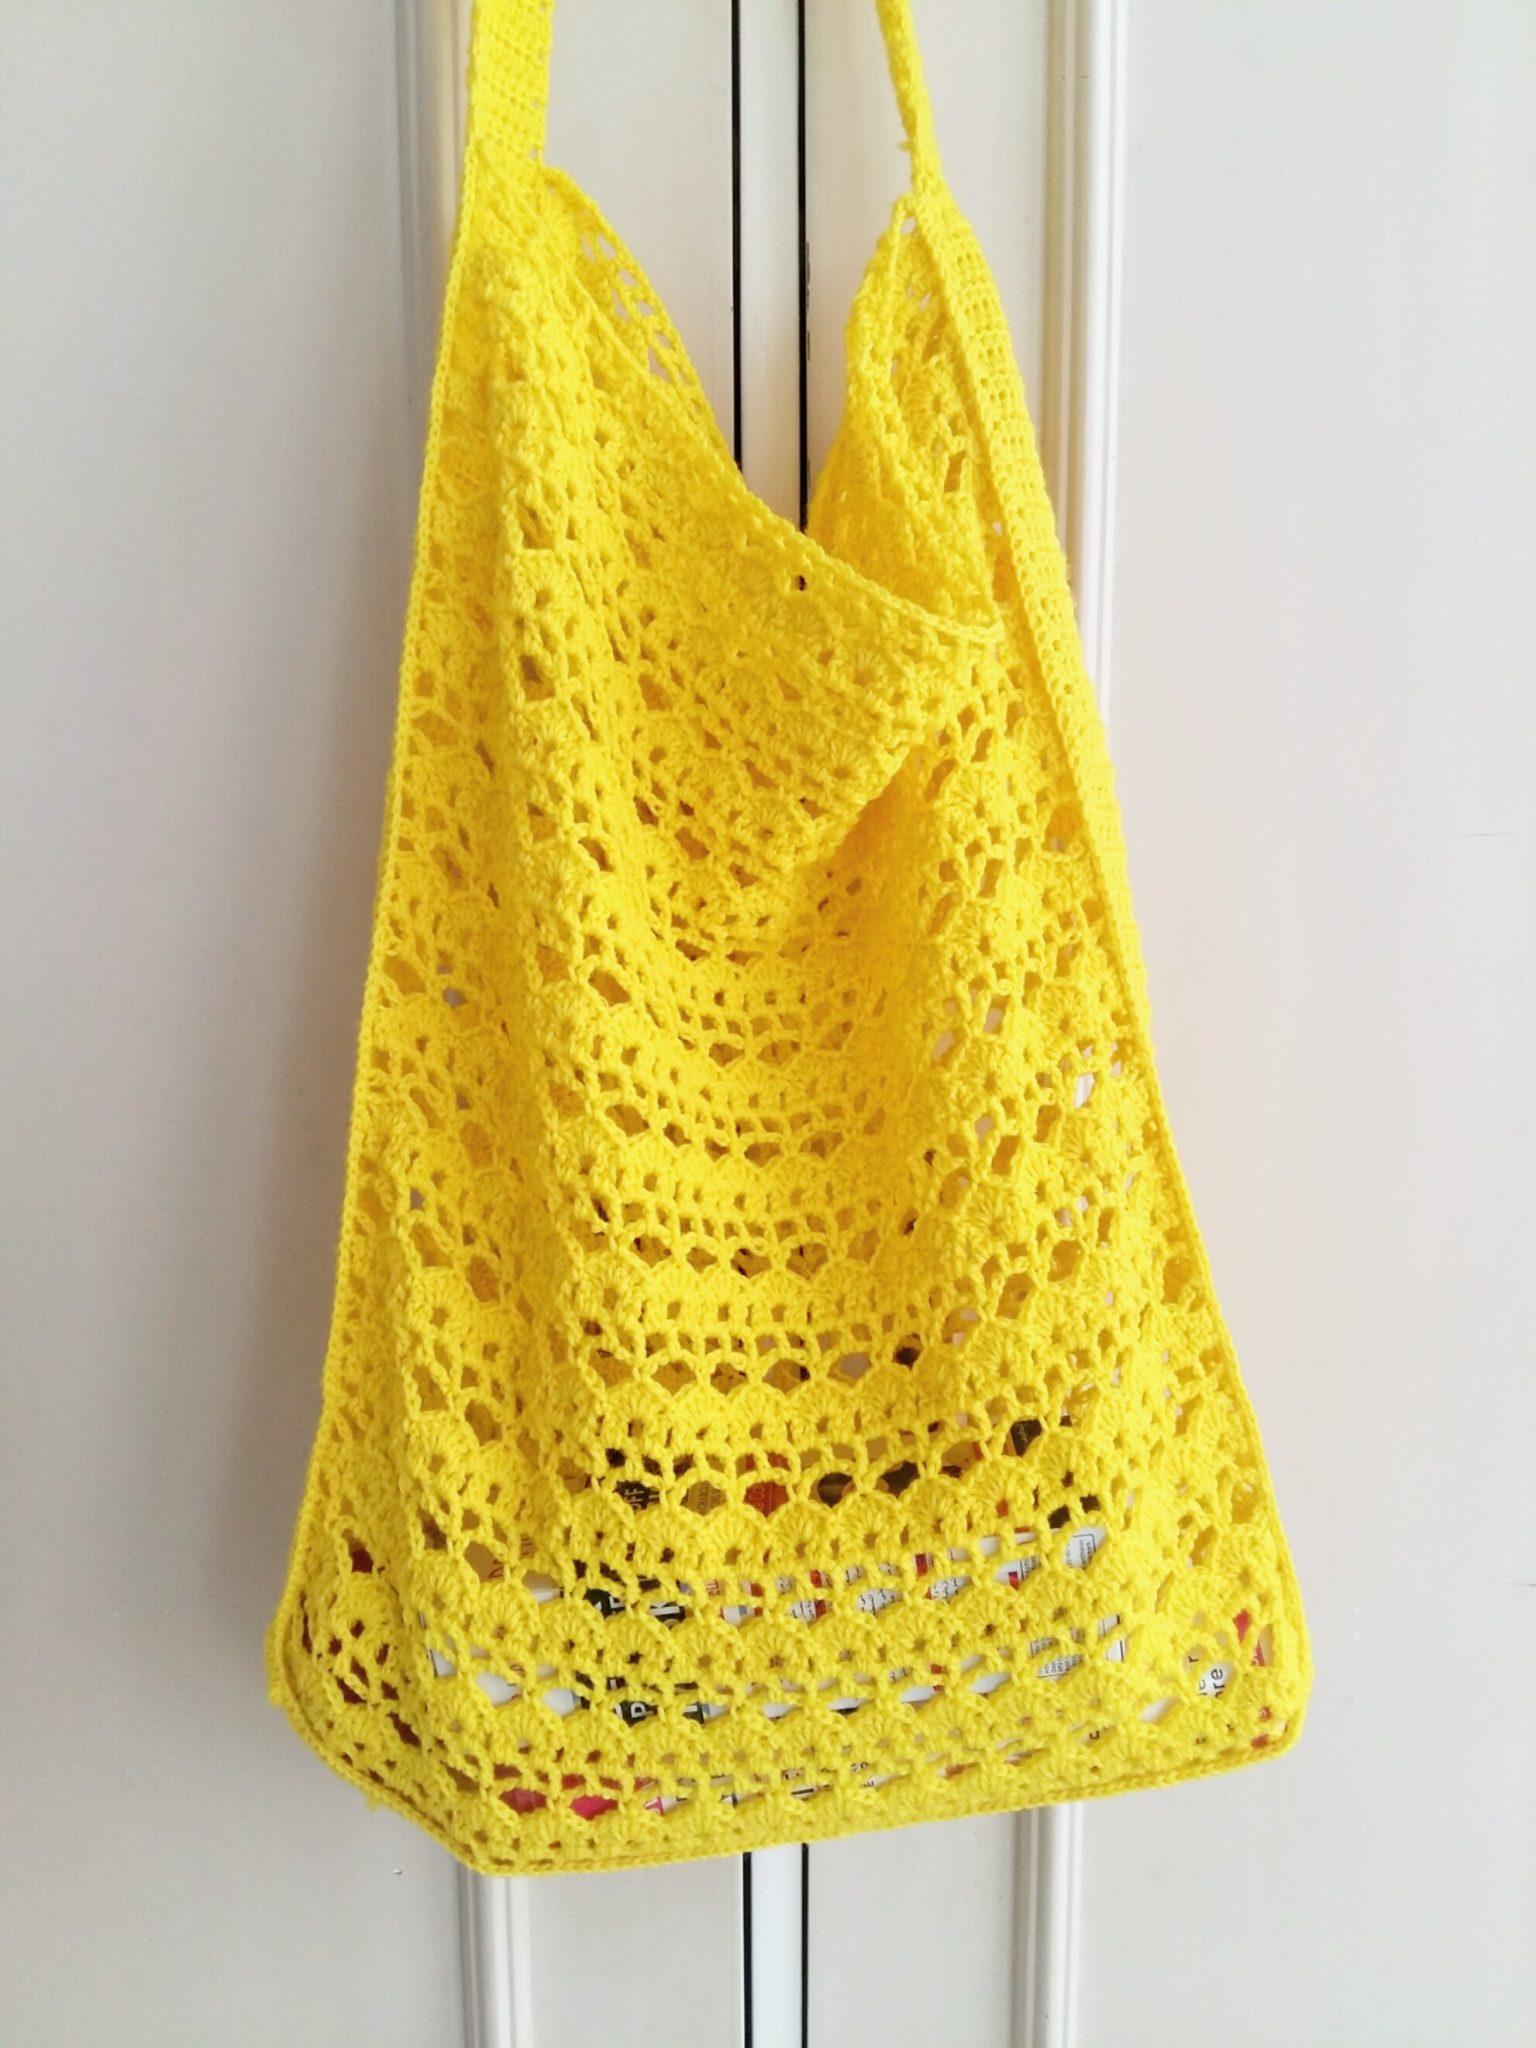 Crochet Handbag Pattern Magnificent Inspiration Ideas